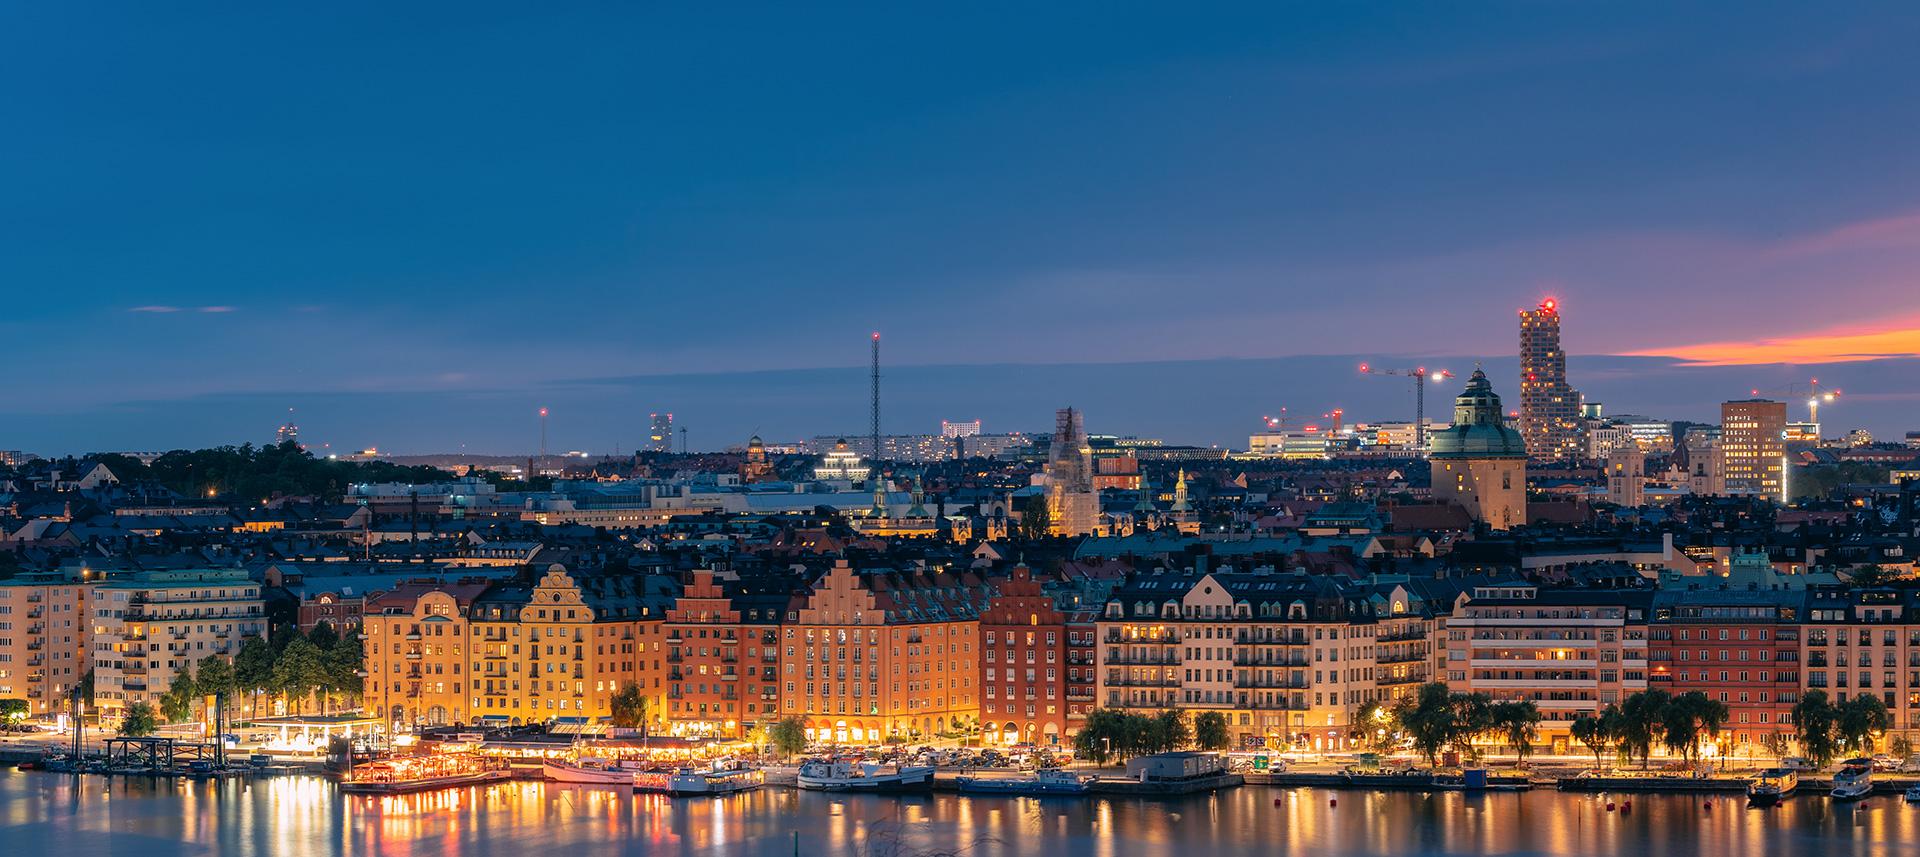 rörmokare-kungsholmen